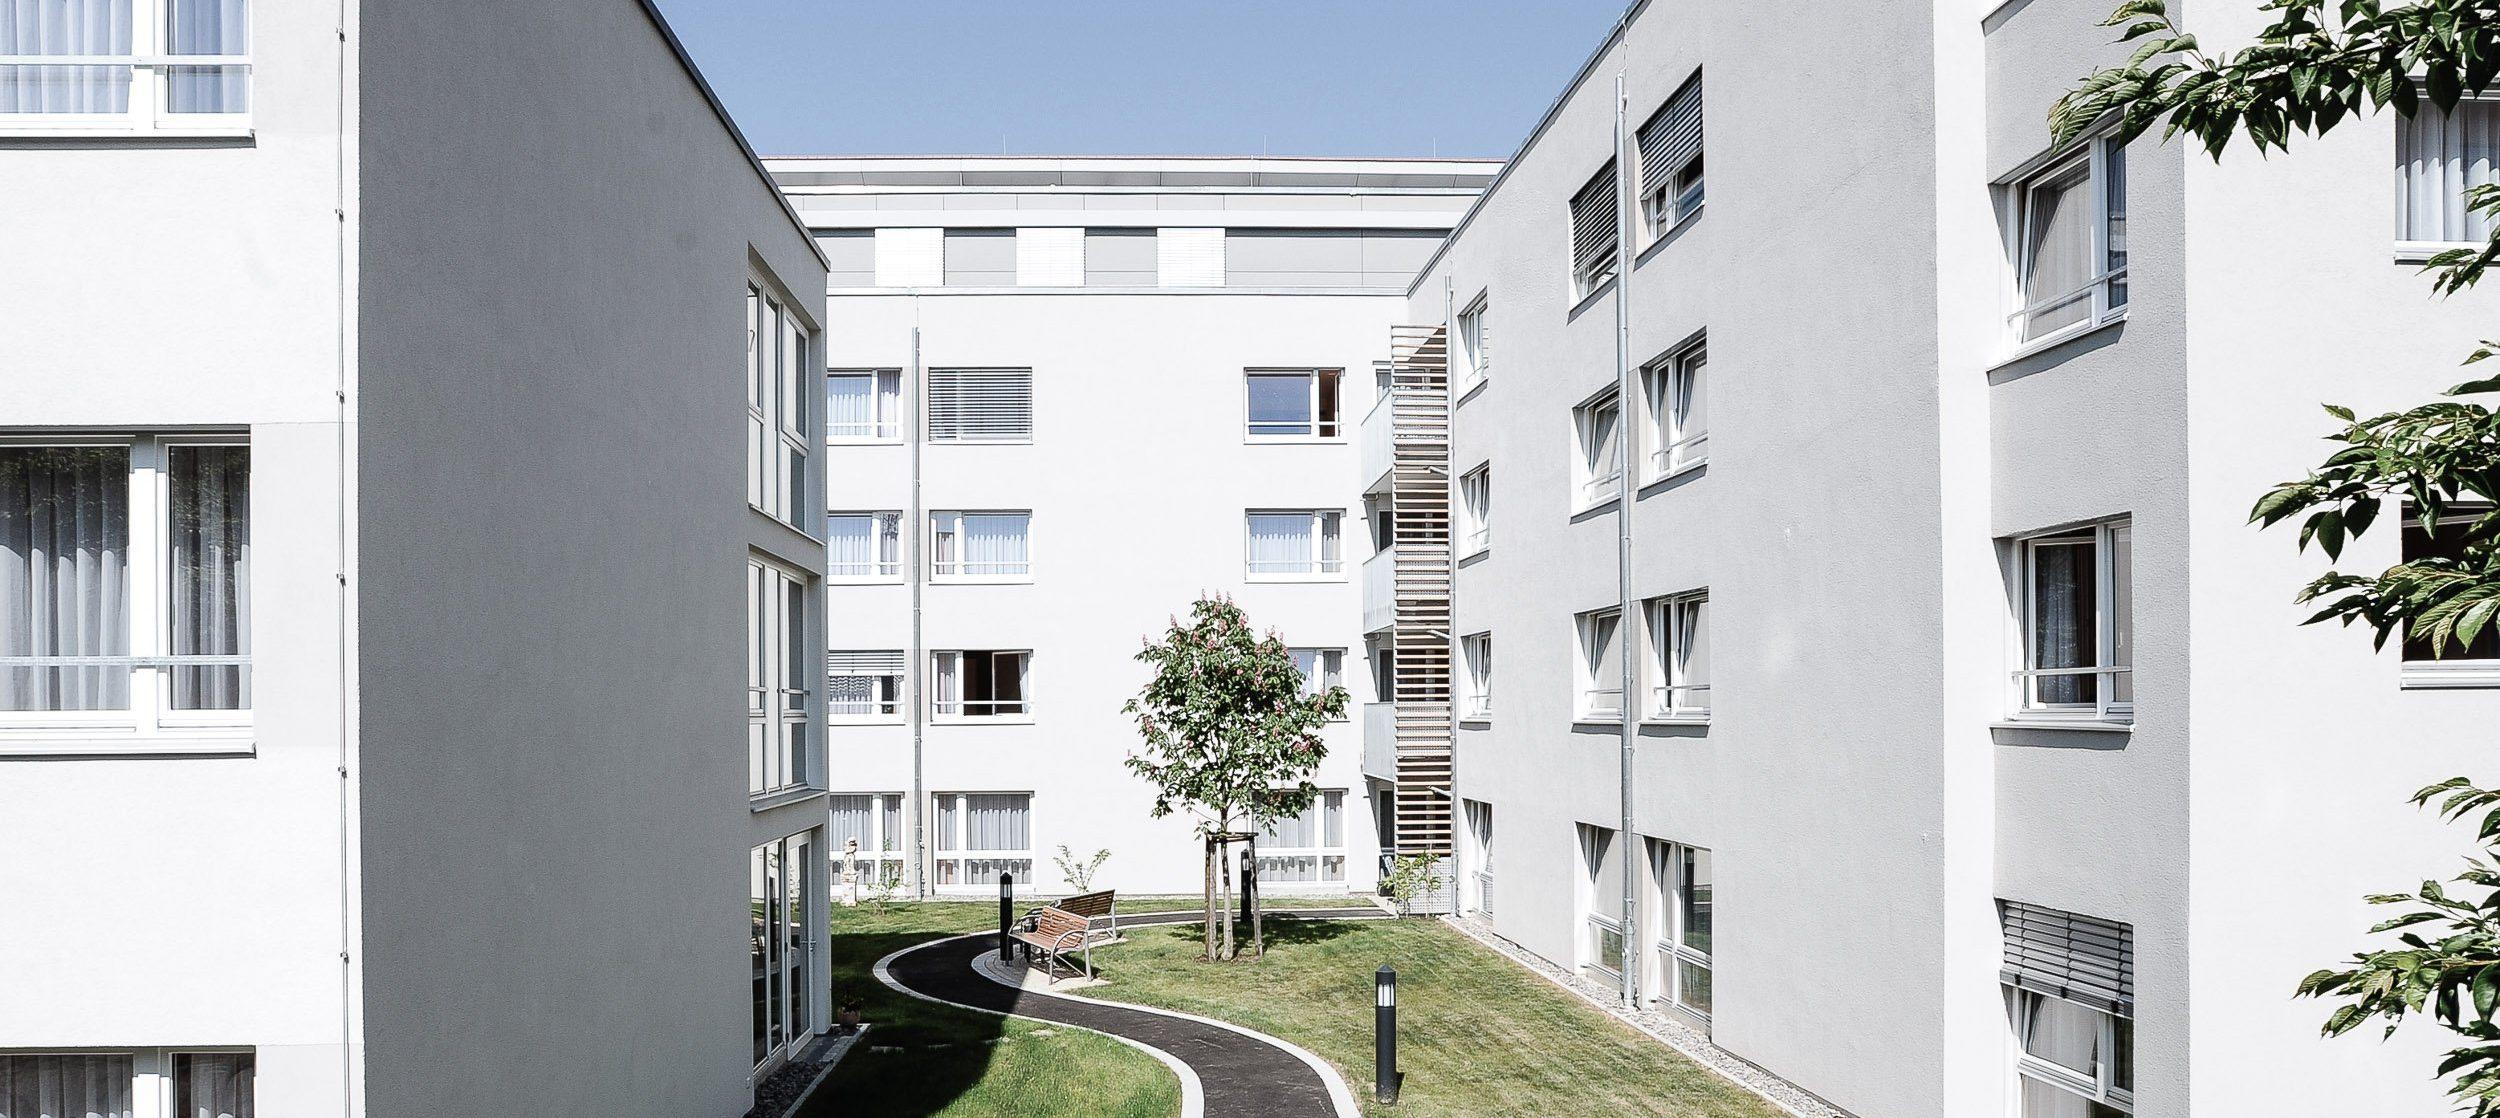 Pfelgeheim Haus Melchior Esslingen - Außenansicht Gartenseite